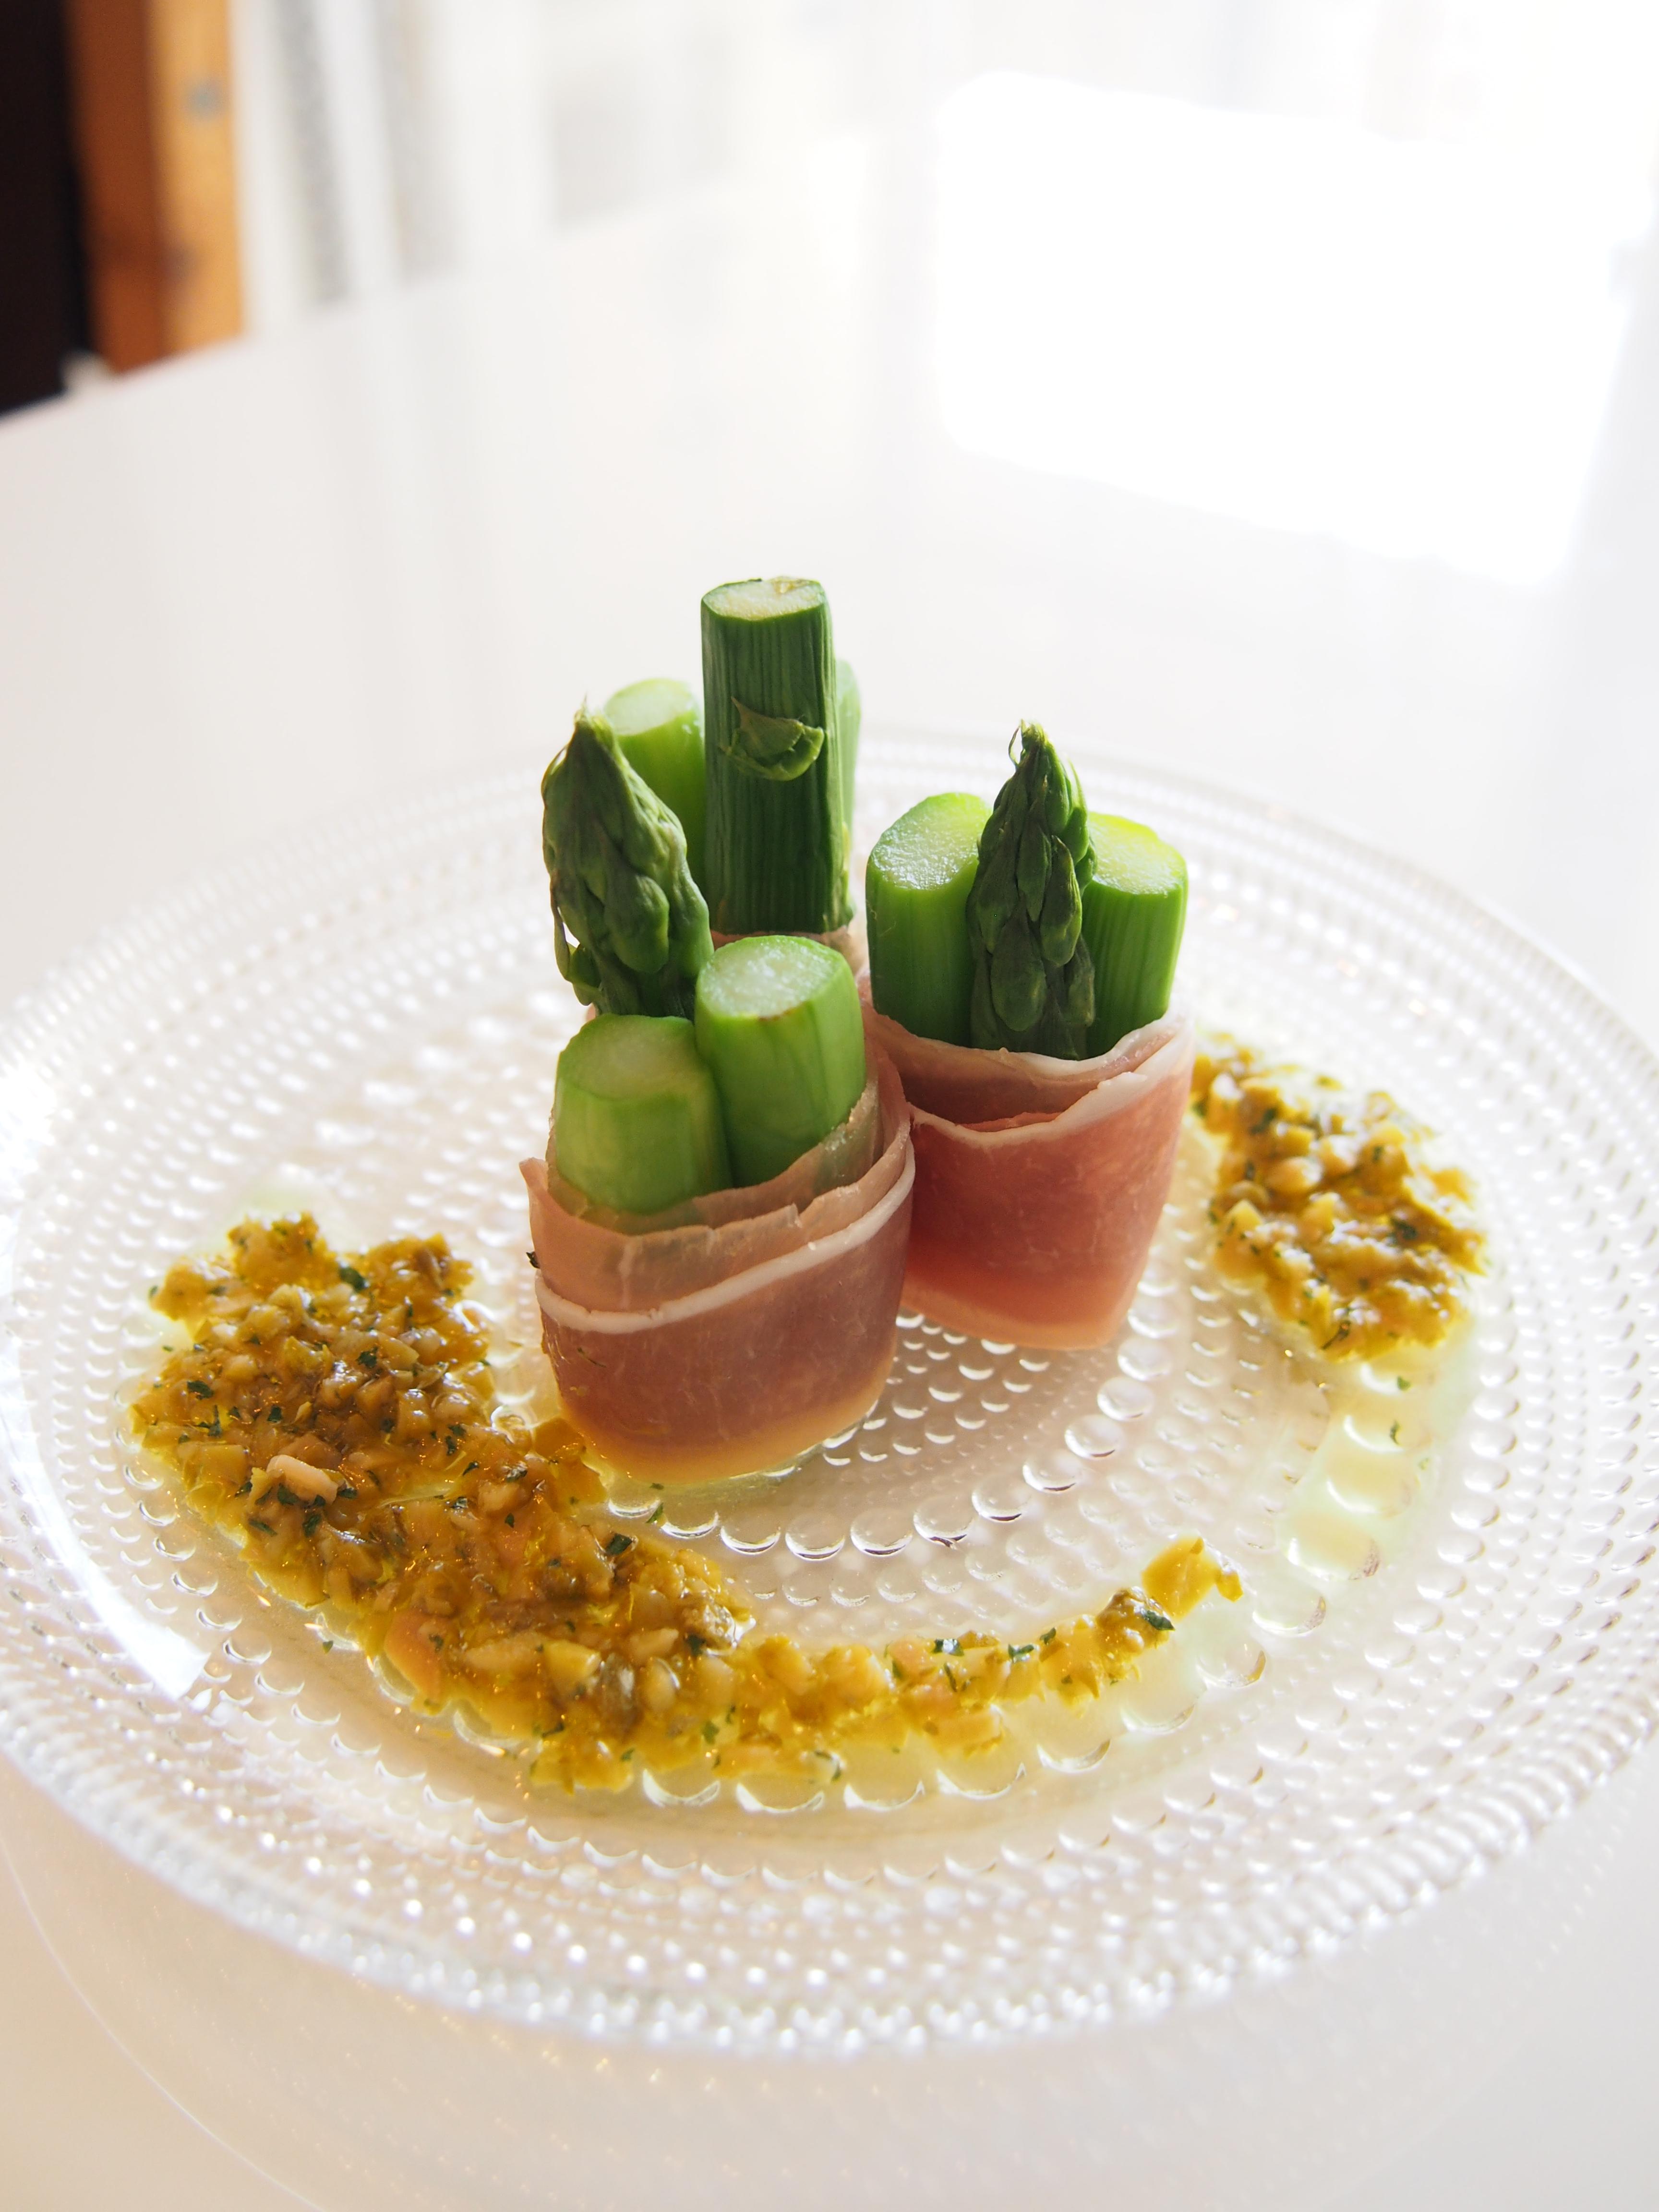 【レシピ】グリーンアスパラの生ハムまき 手作りビネグレットソース